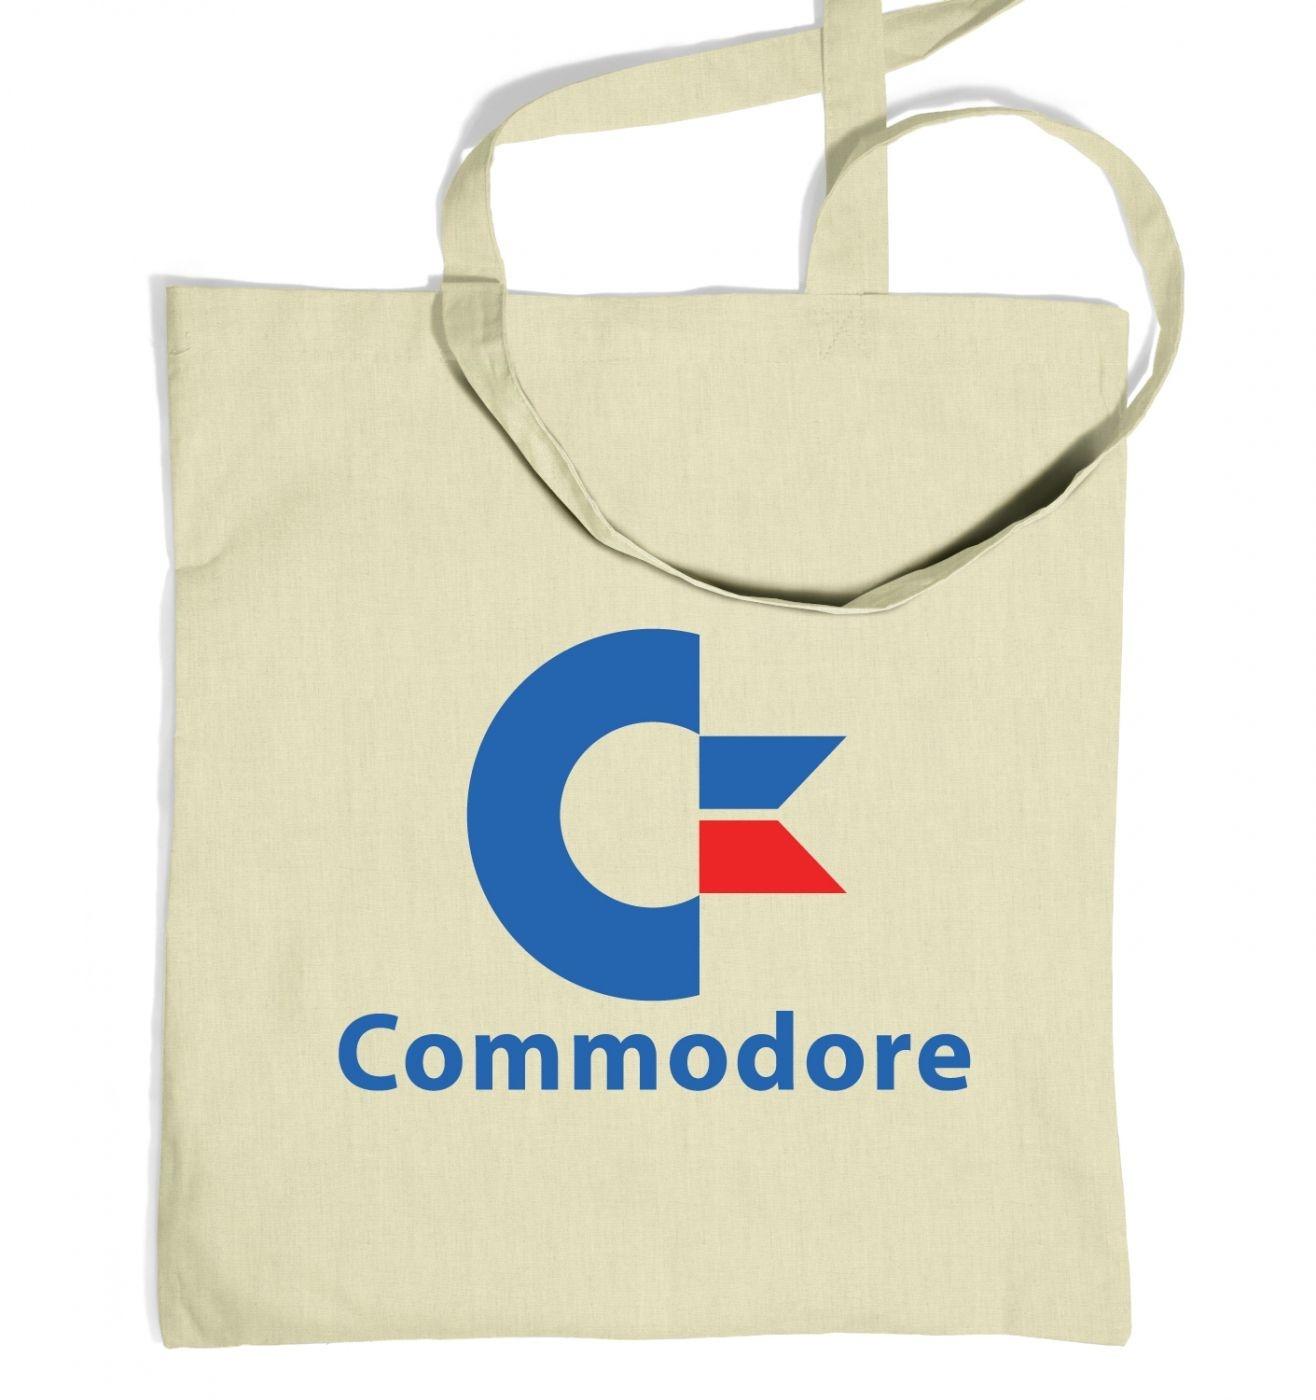 Commodore Logo tote bag